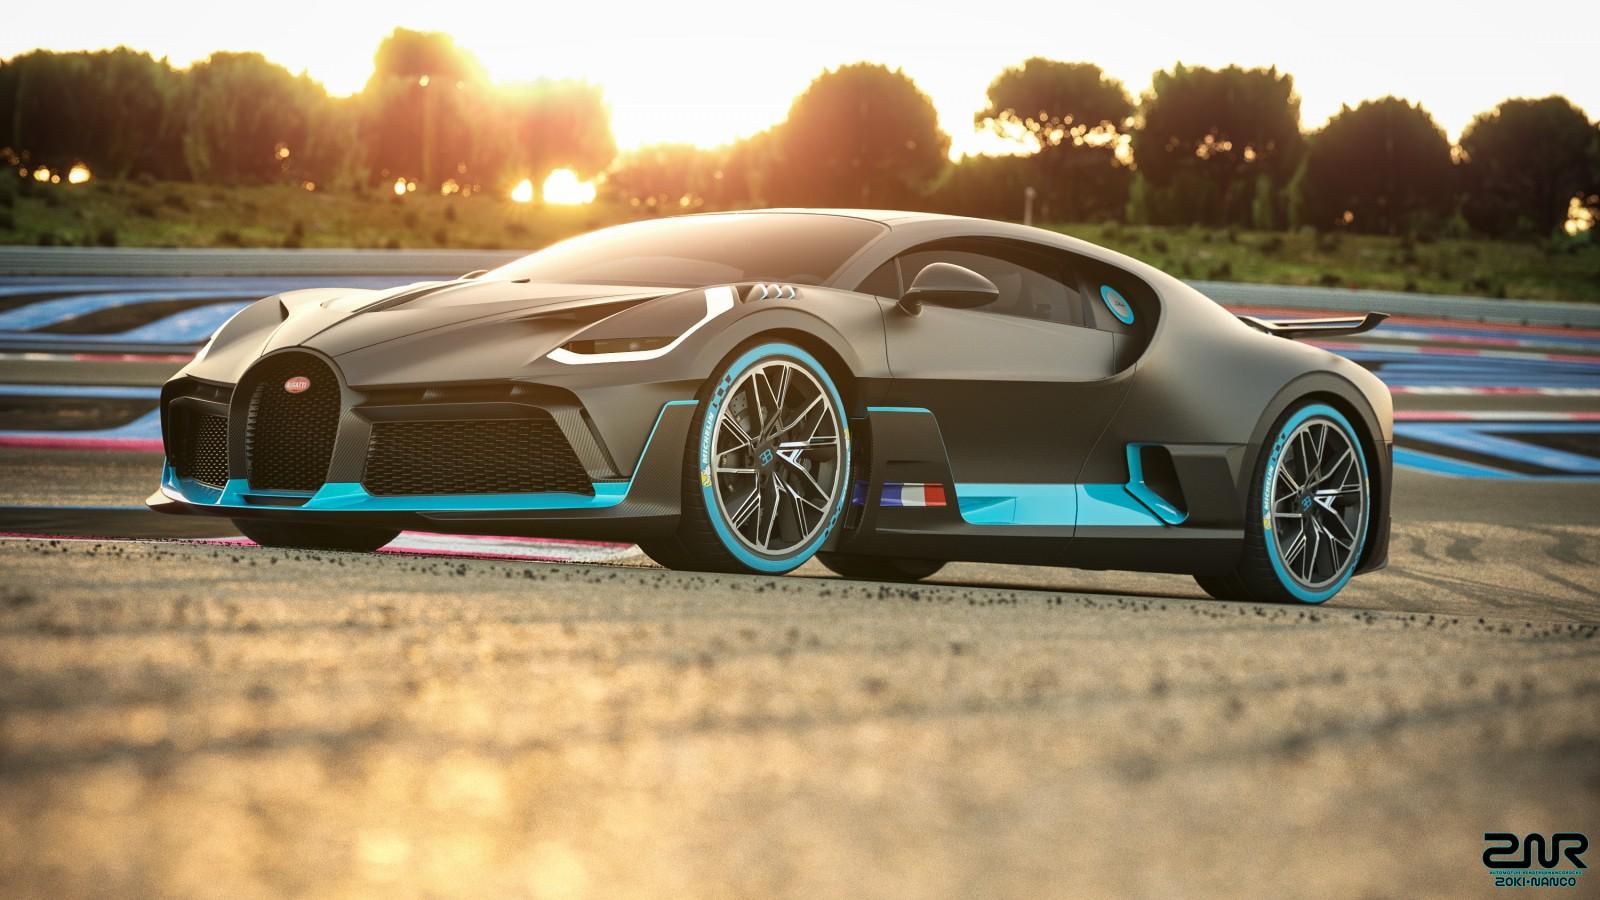 Bmw Wallpaper Iphone X Bugatti Divo 3 Wallpaper Hd Car Wallpapers Id 11341